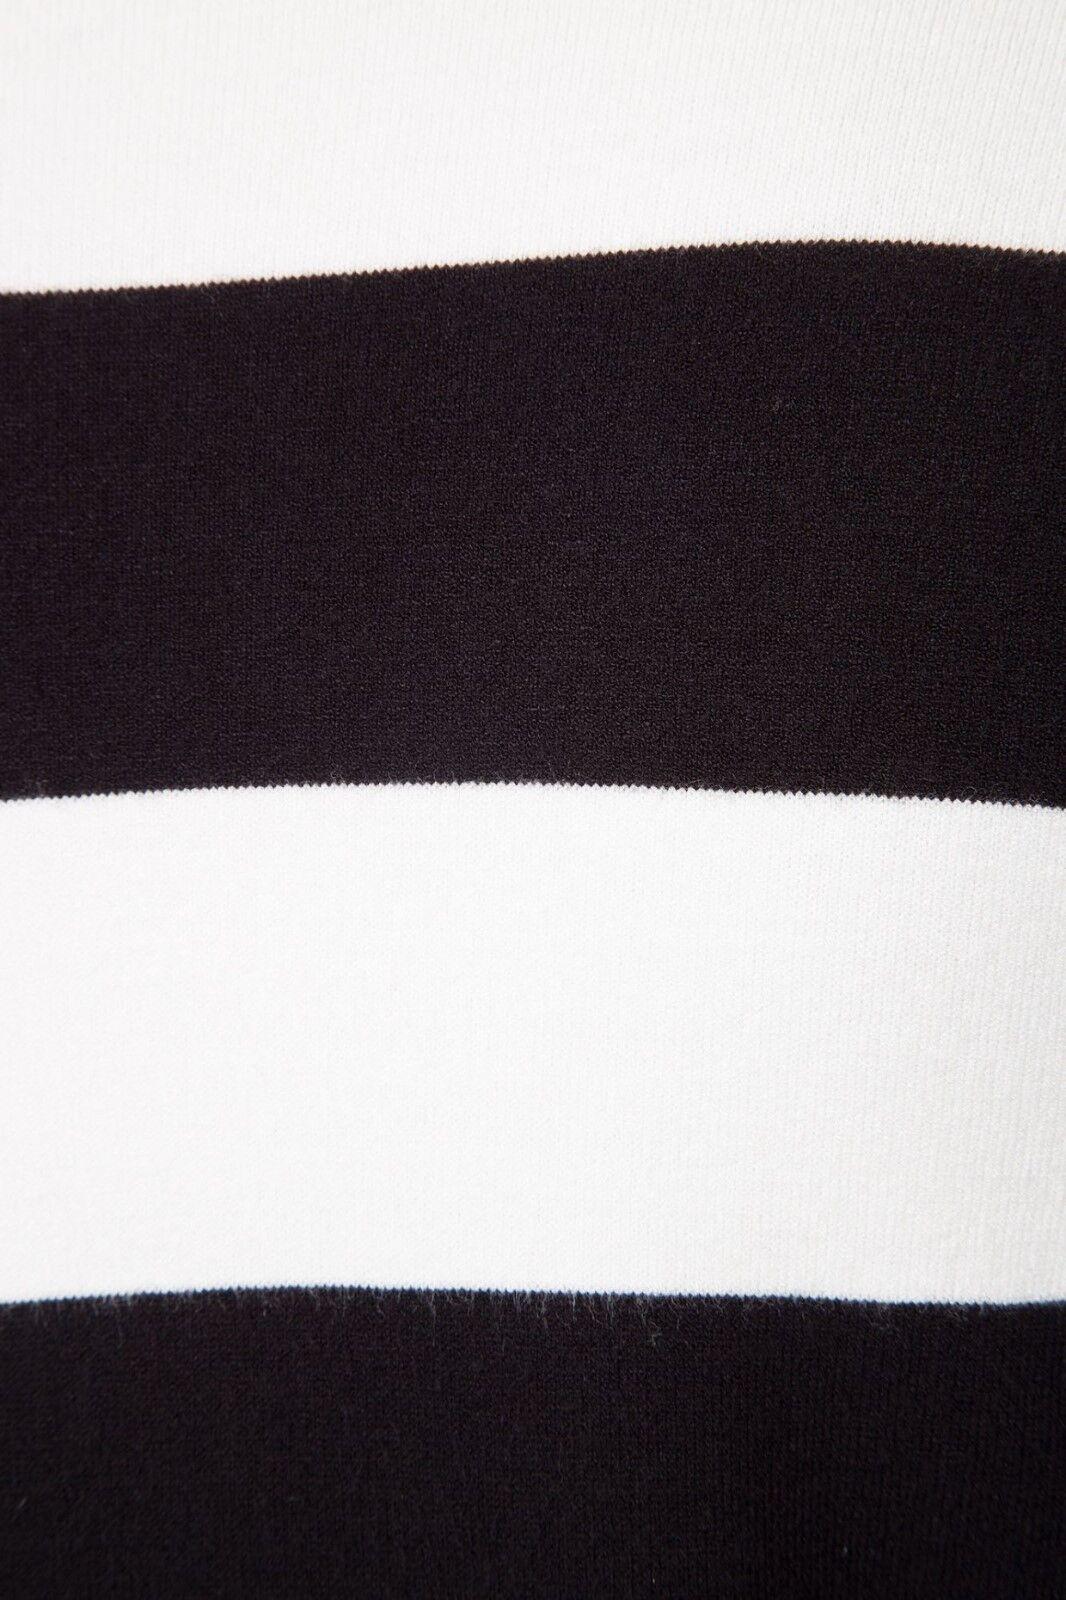 Balldiri 100% Cashmere Cashmere Cashmere Cashmere Uomo maglione girocollo 8-fädig Notte Blu S b37a5b